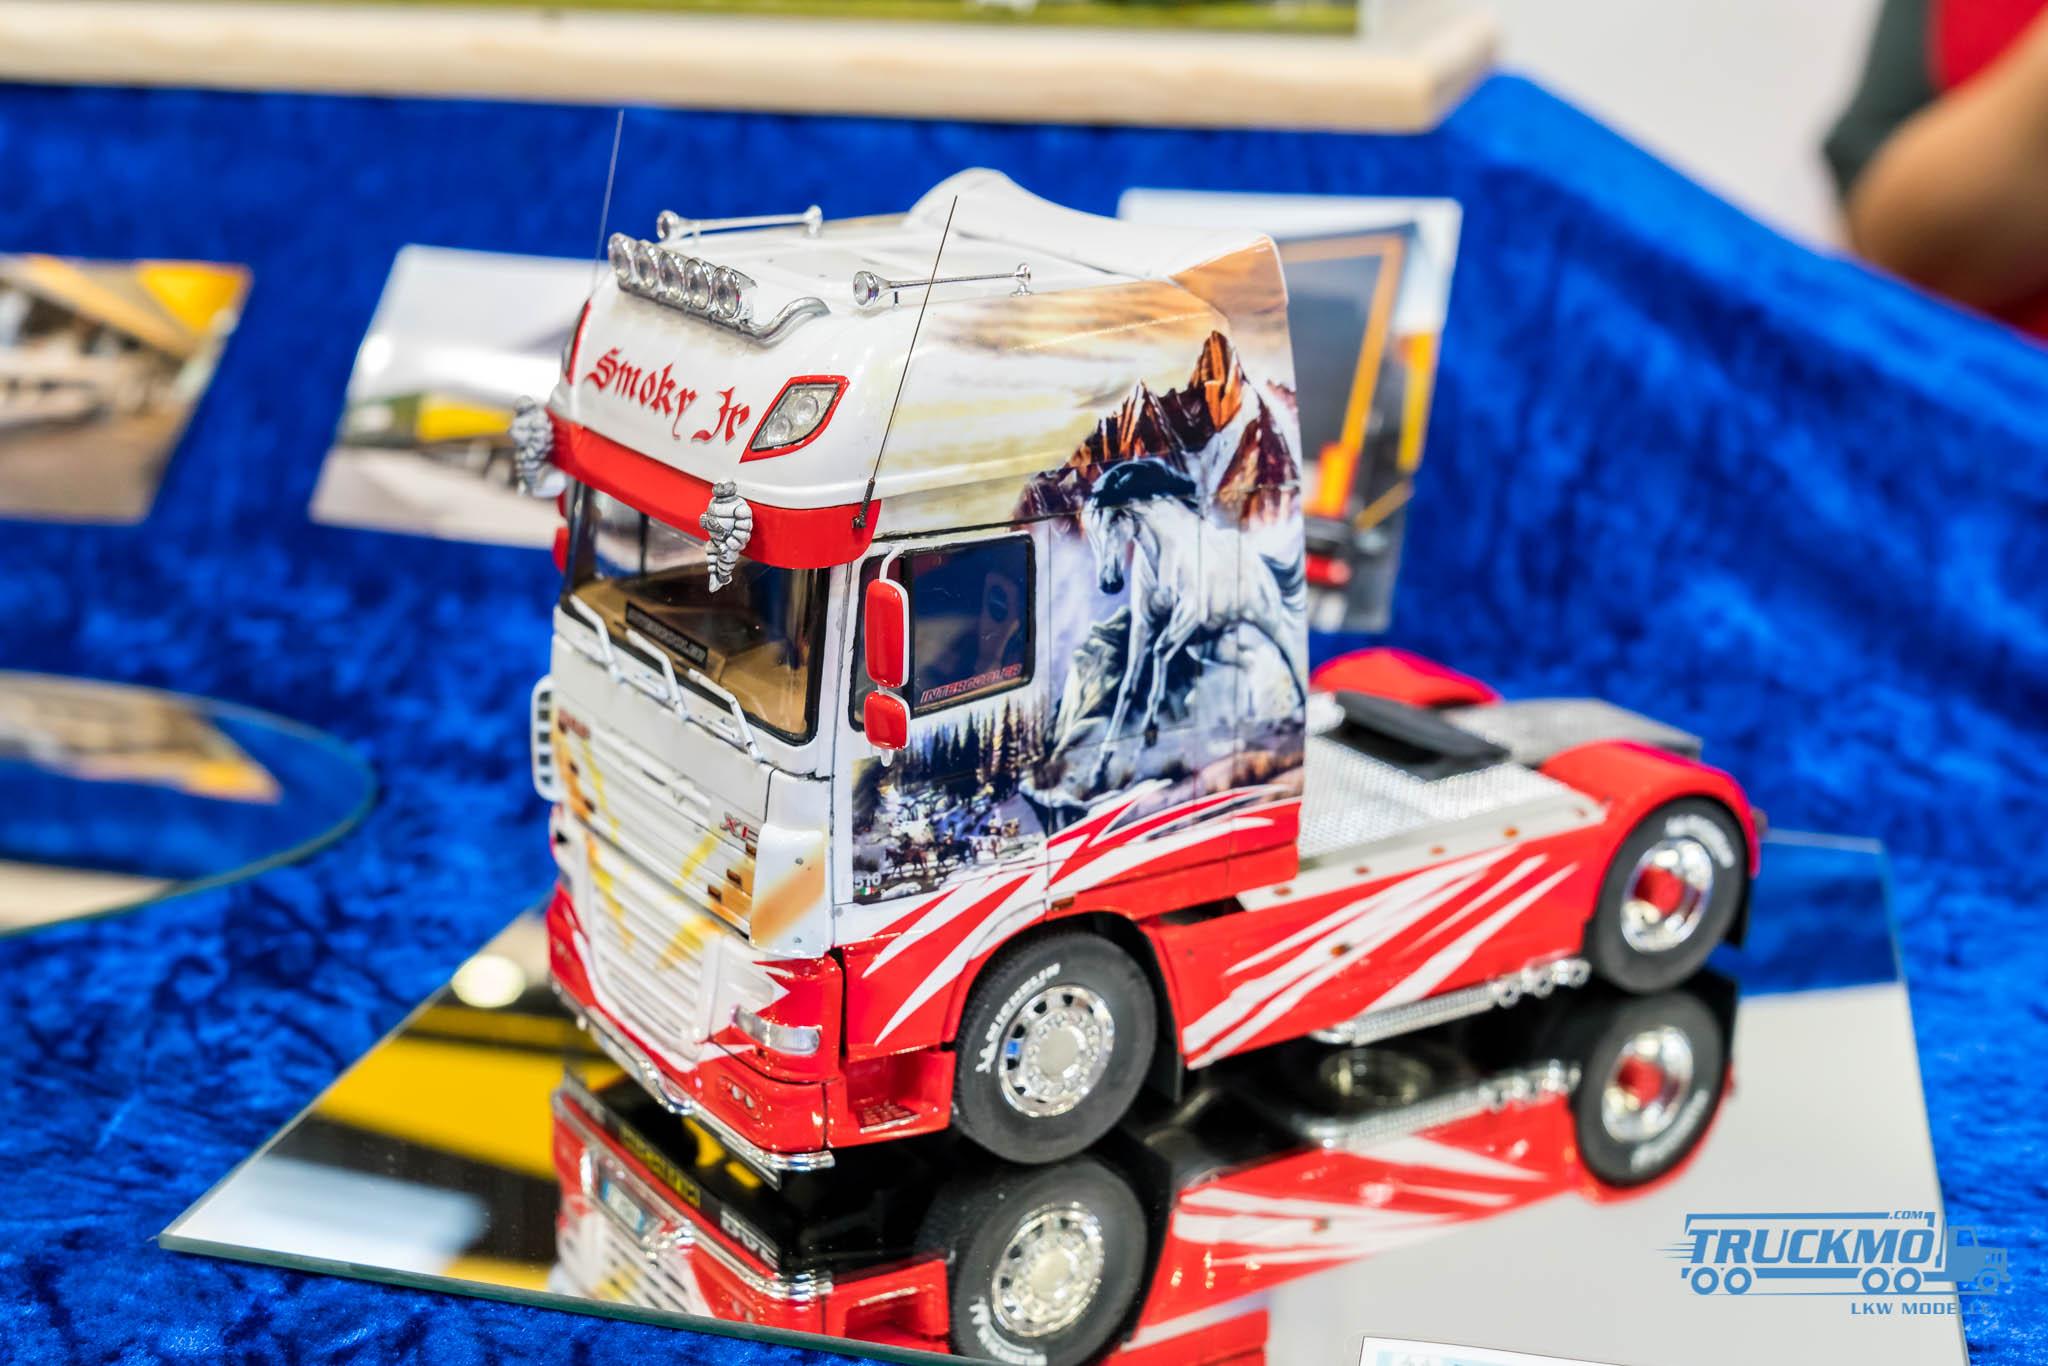 Truckmo_Modellbau_Ried_2017_Herpa_Messe_Modellbauausstellung (506 von 1177)